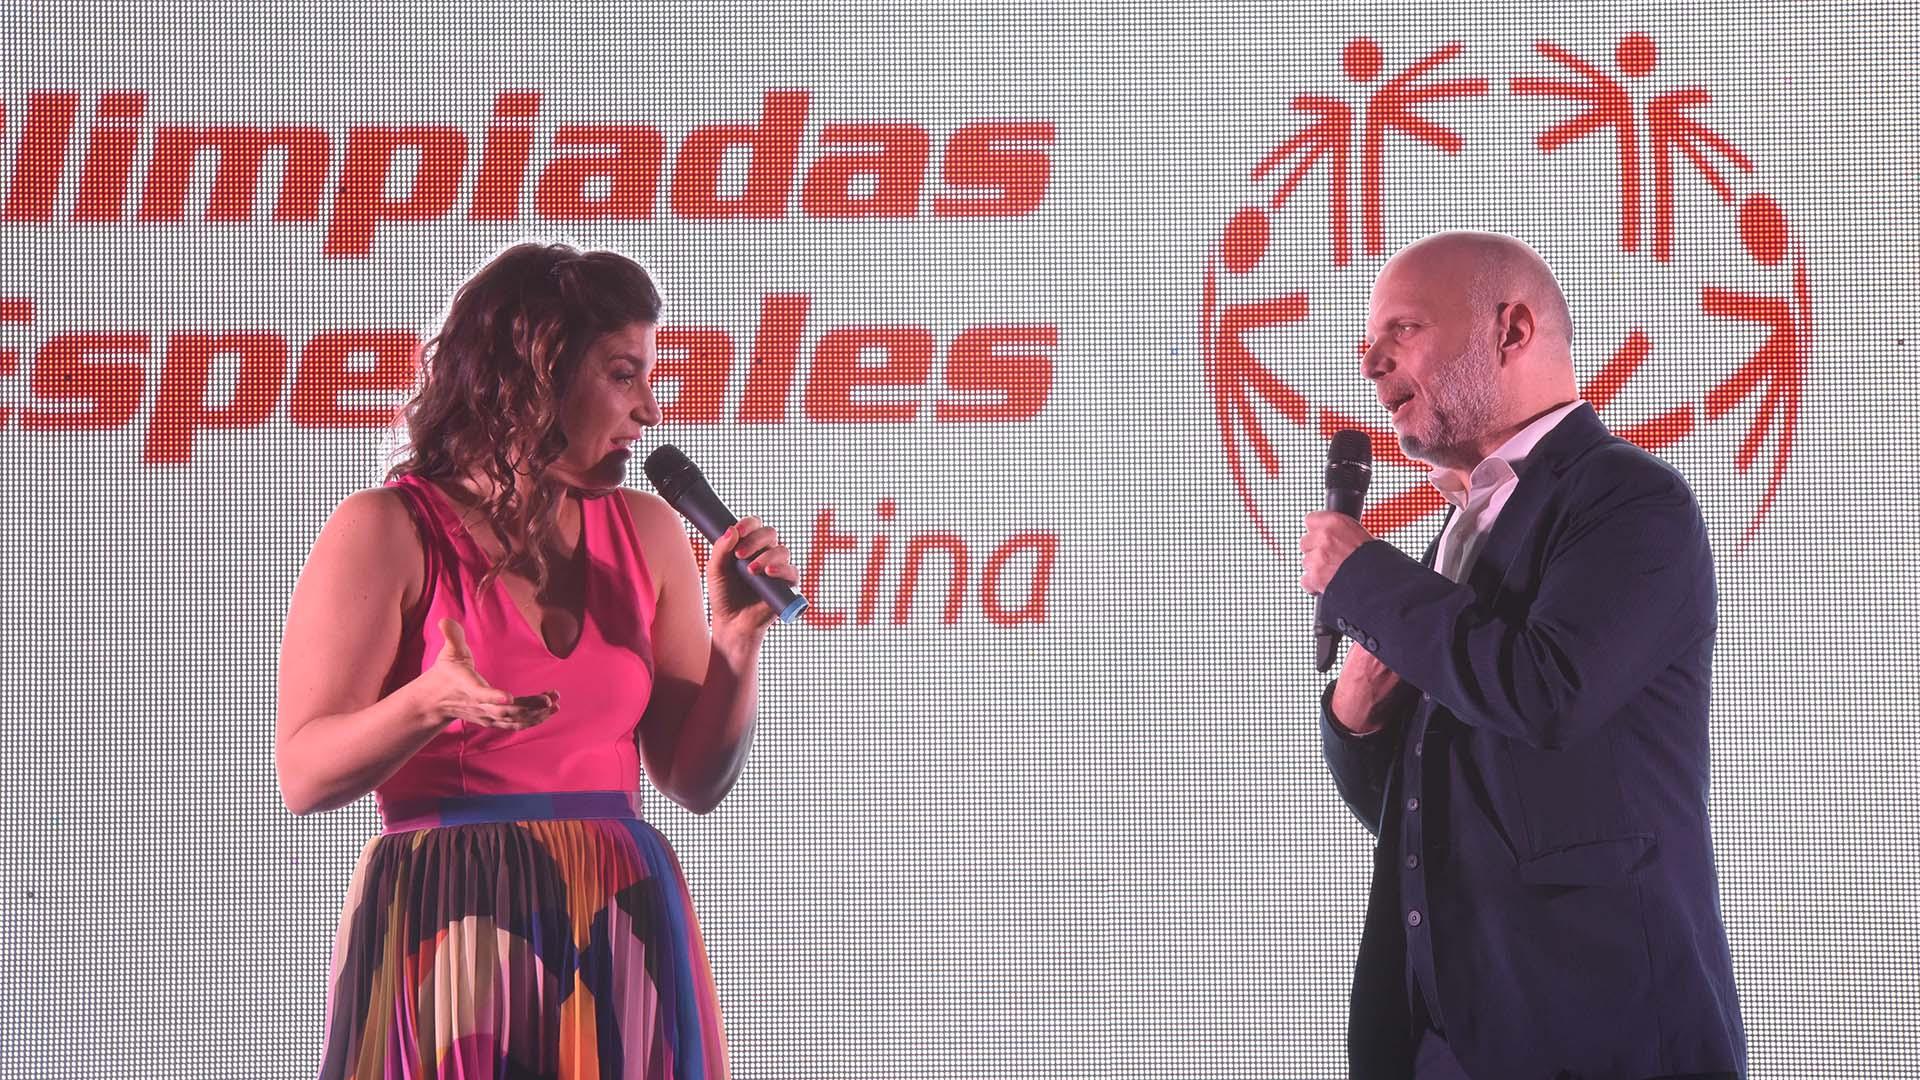 El evento concluyó con un stand up a cargo de Sebastián Wainraich y Dalia Gutmann